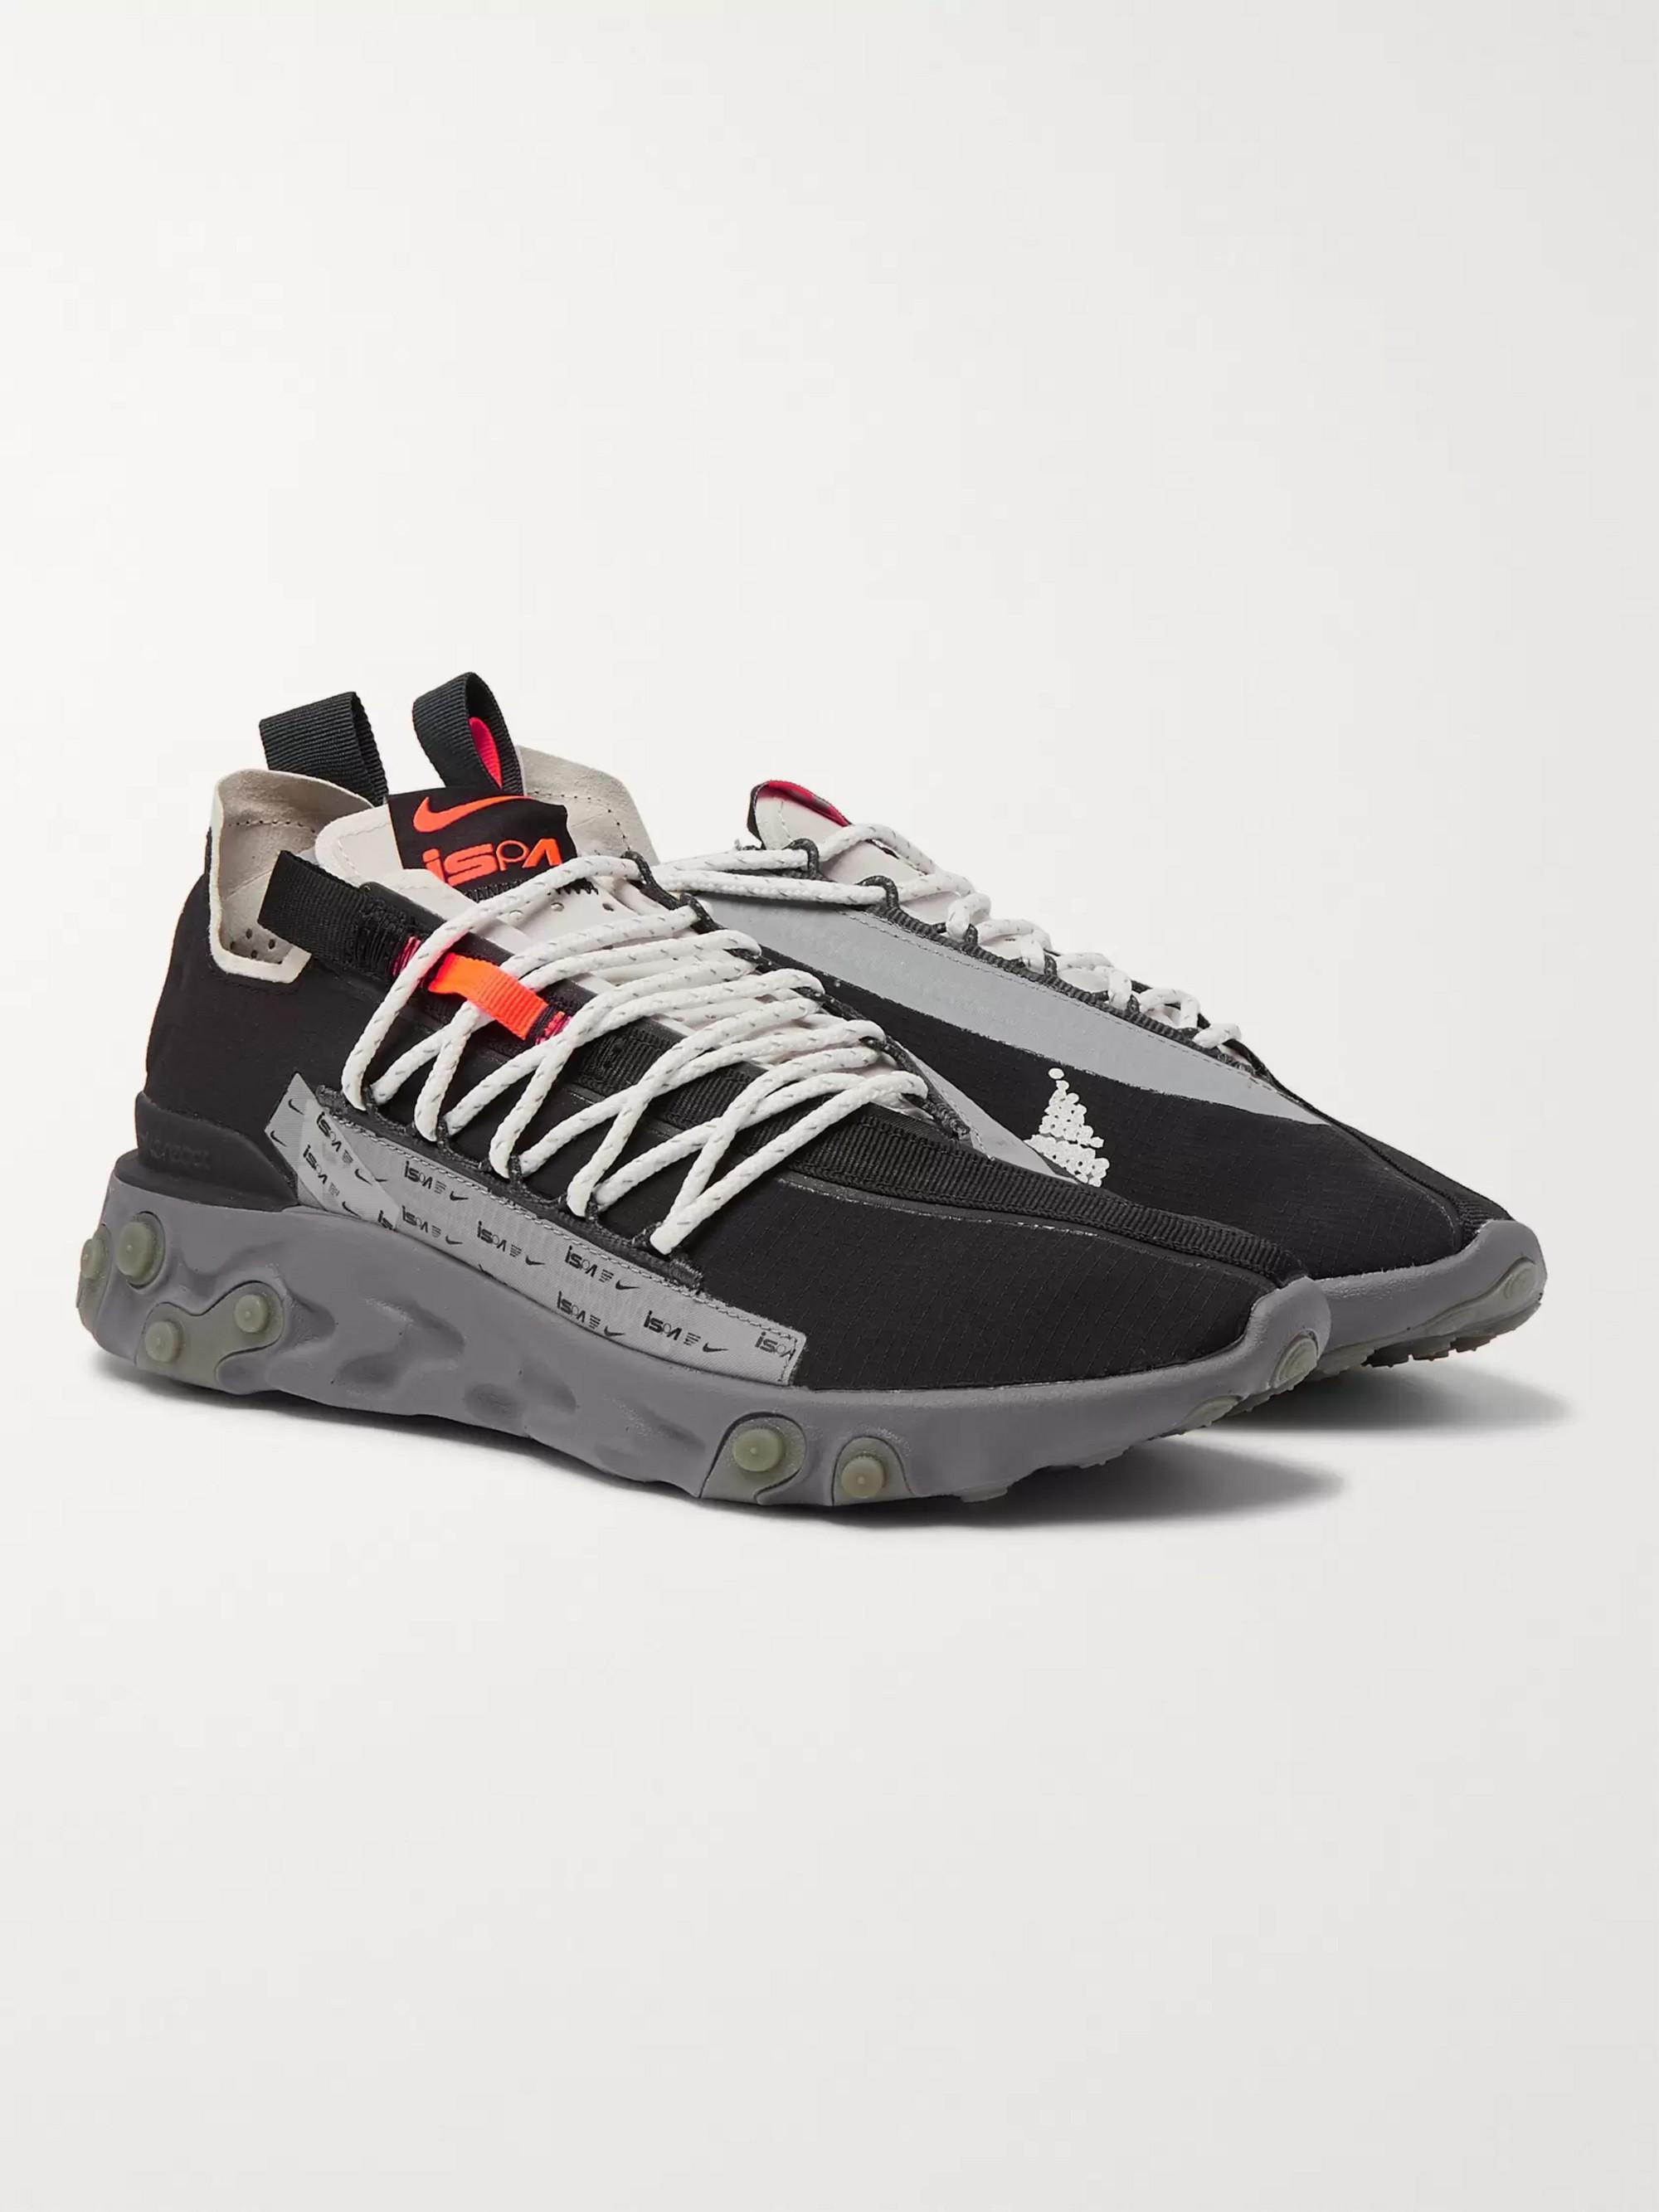 Wr Ispa Ripstop React Runner Sneakers WIEHDe2Y9